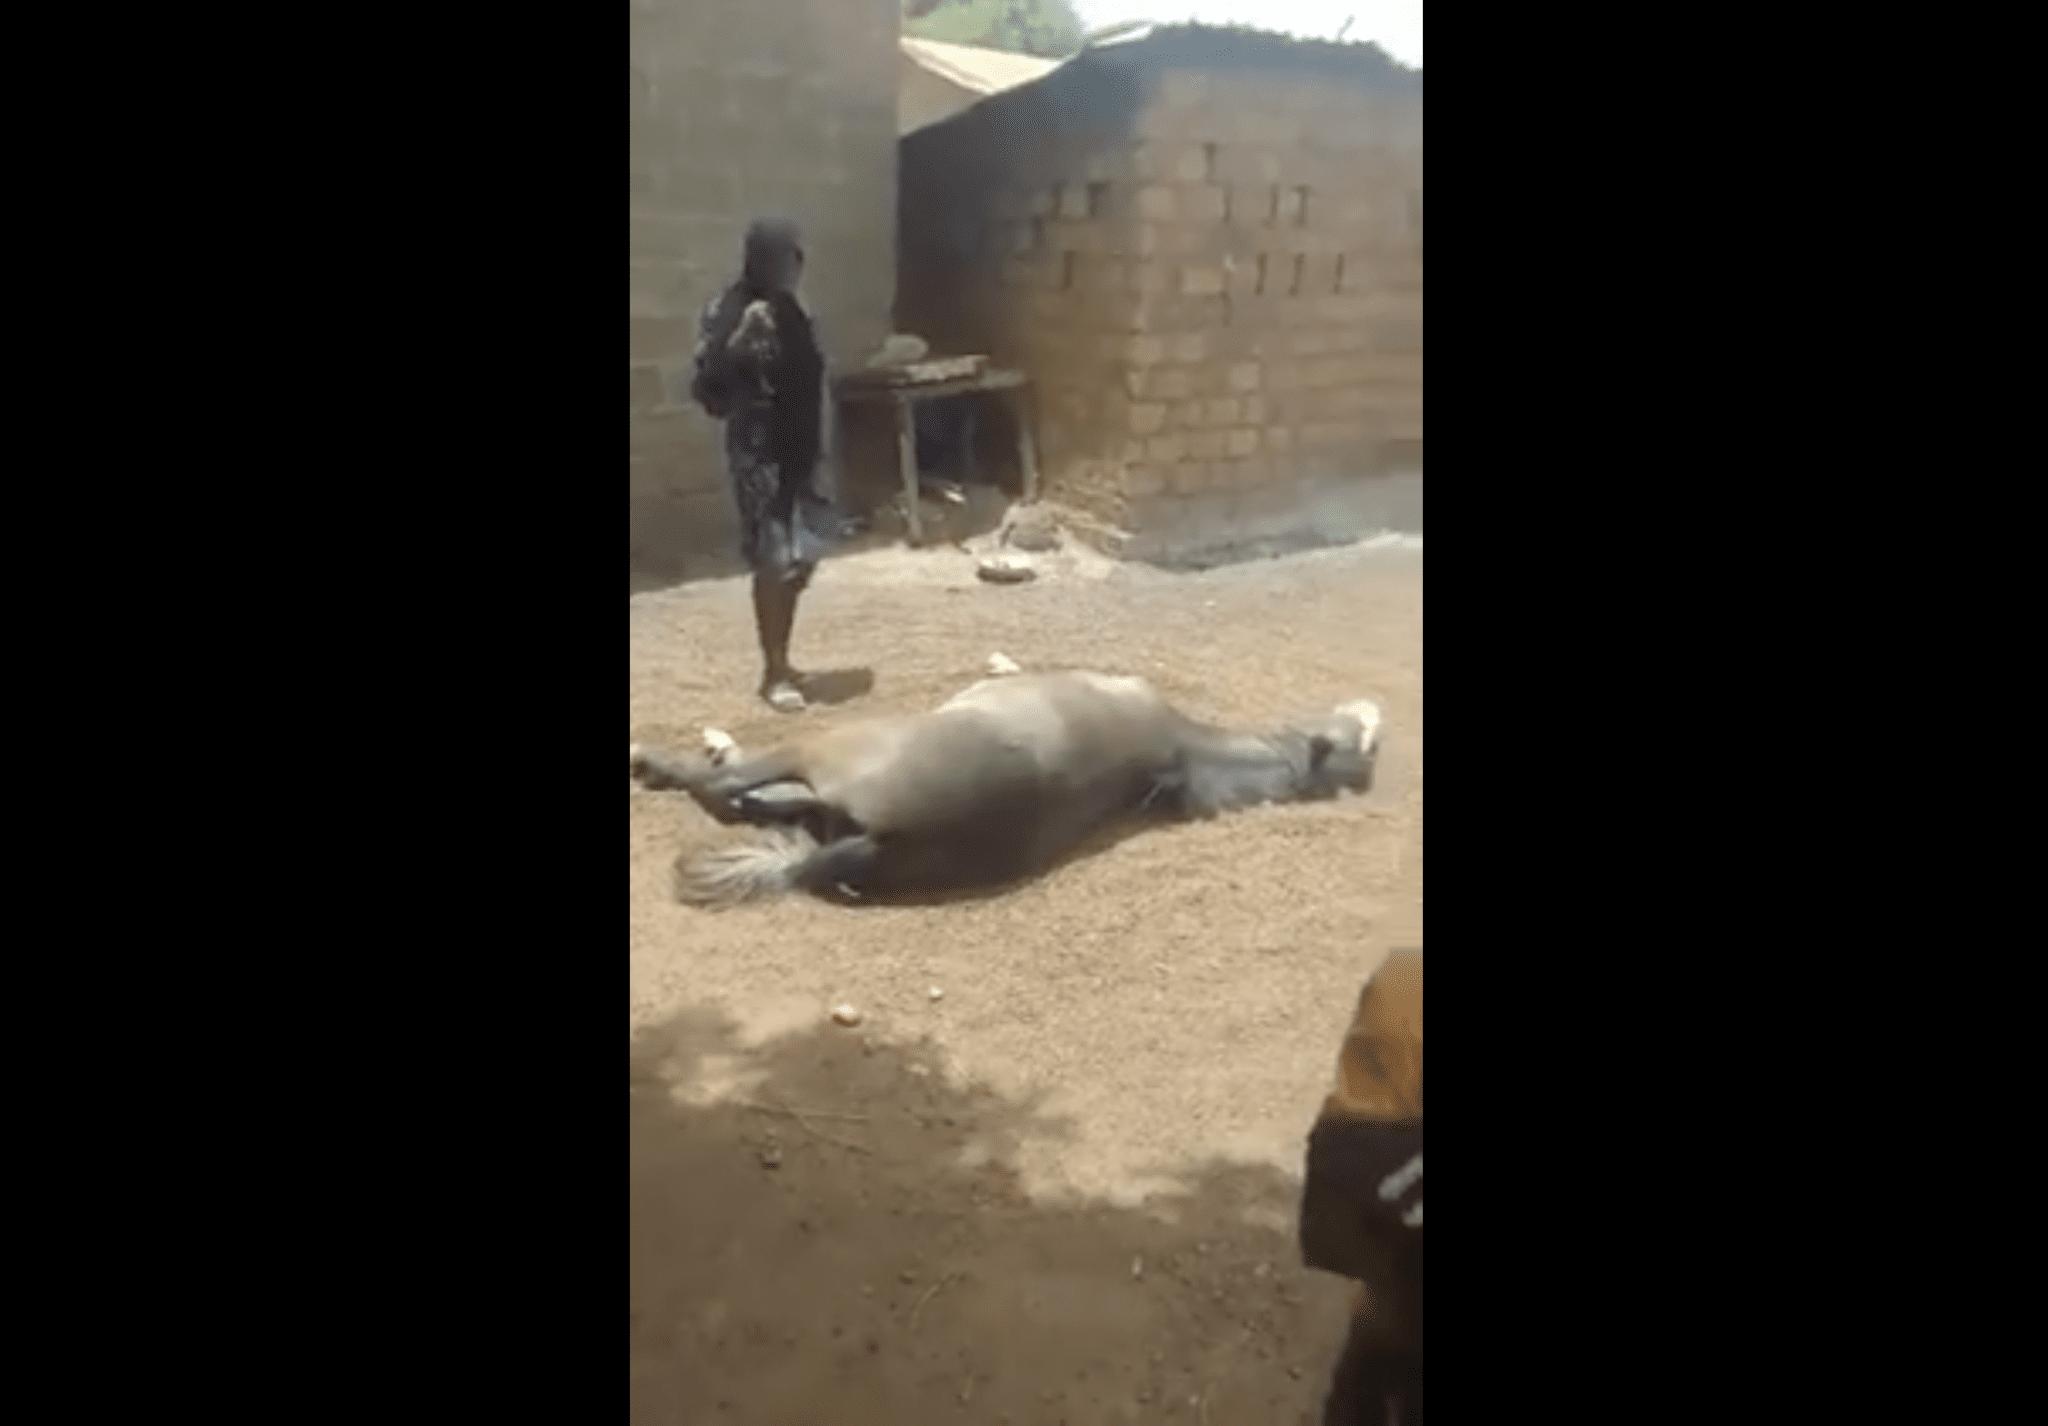 Incroyable ; une jeune fille vierge enjambe un cheval agonisant pour le soulager(vidéo)